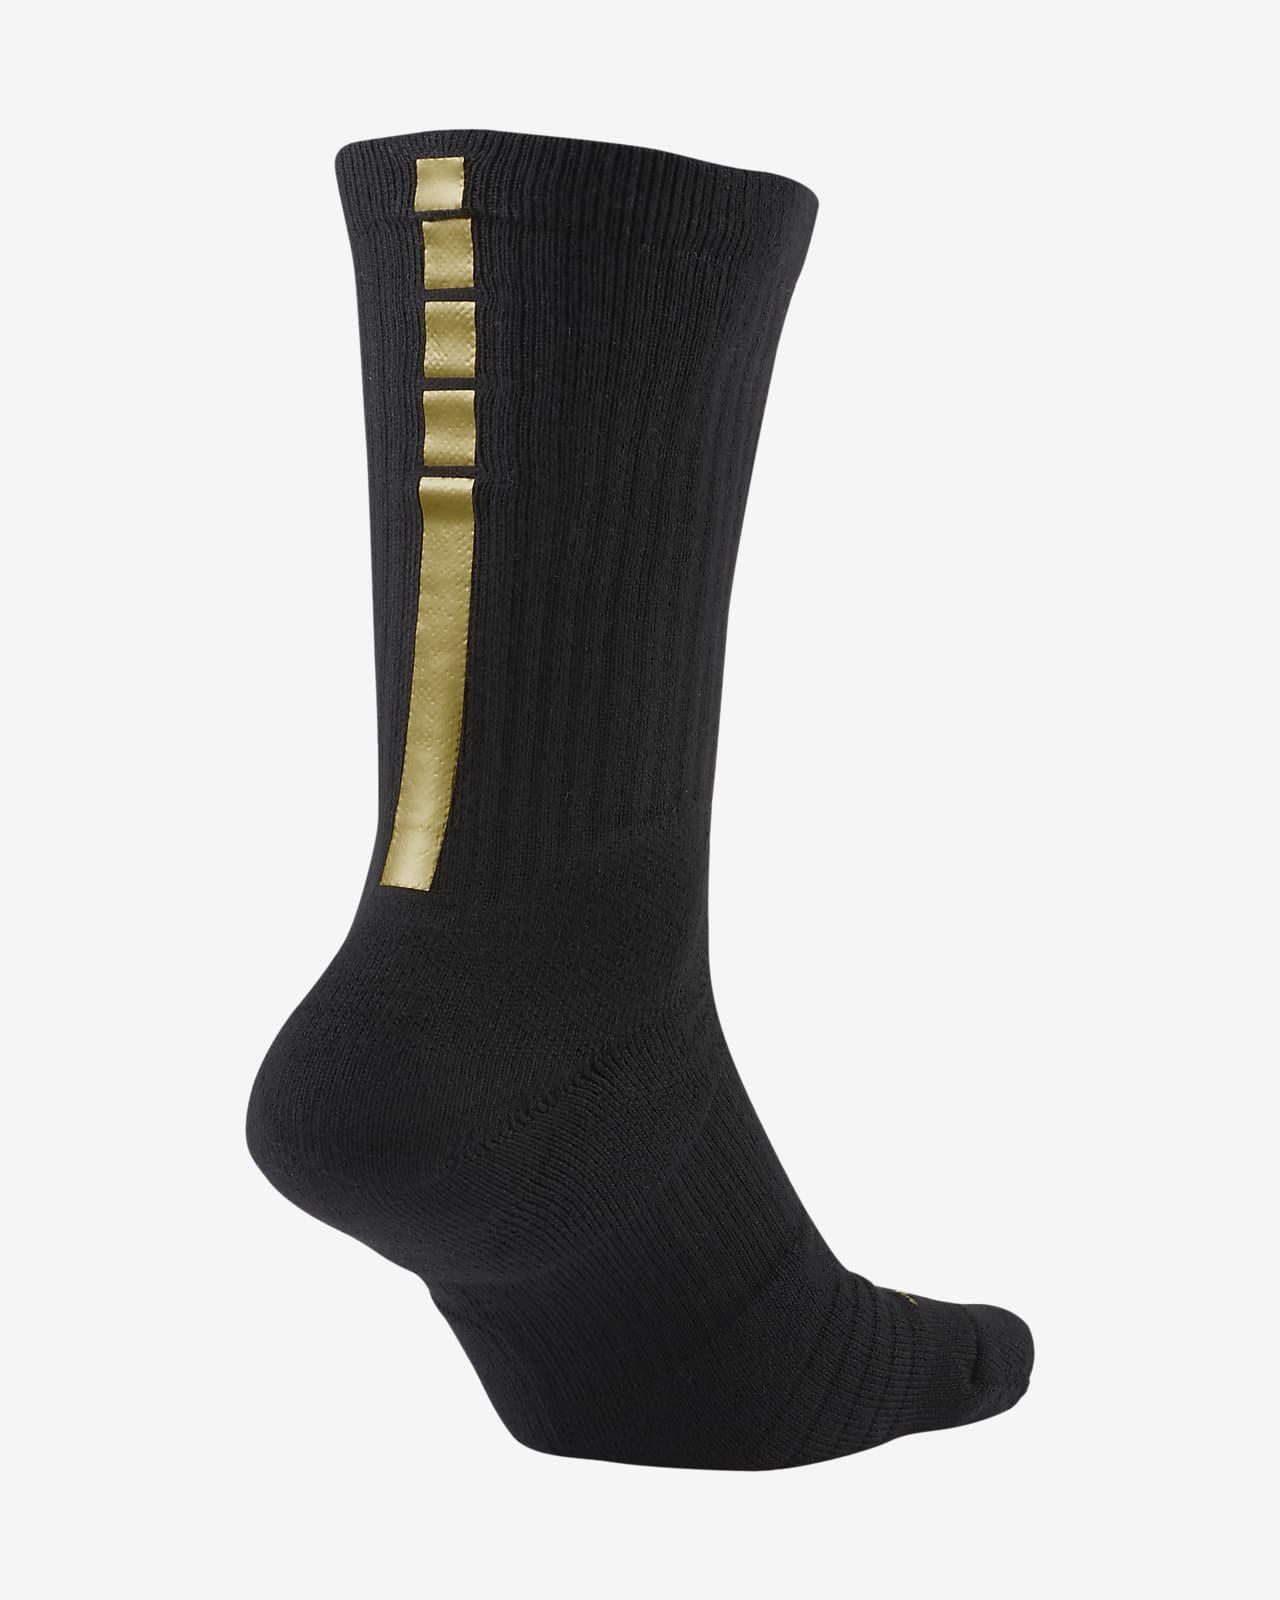 Κάλτσες μπάσκετ Nike Elite Crew